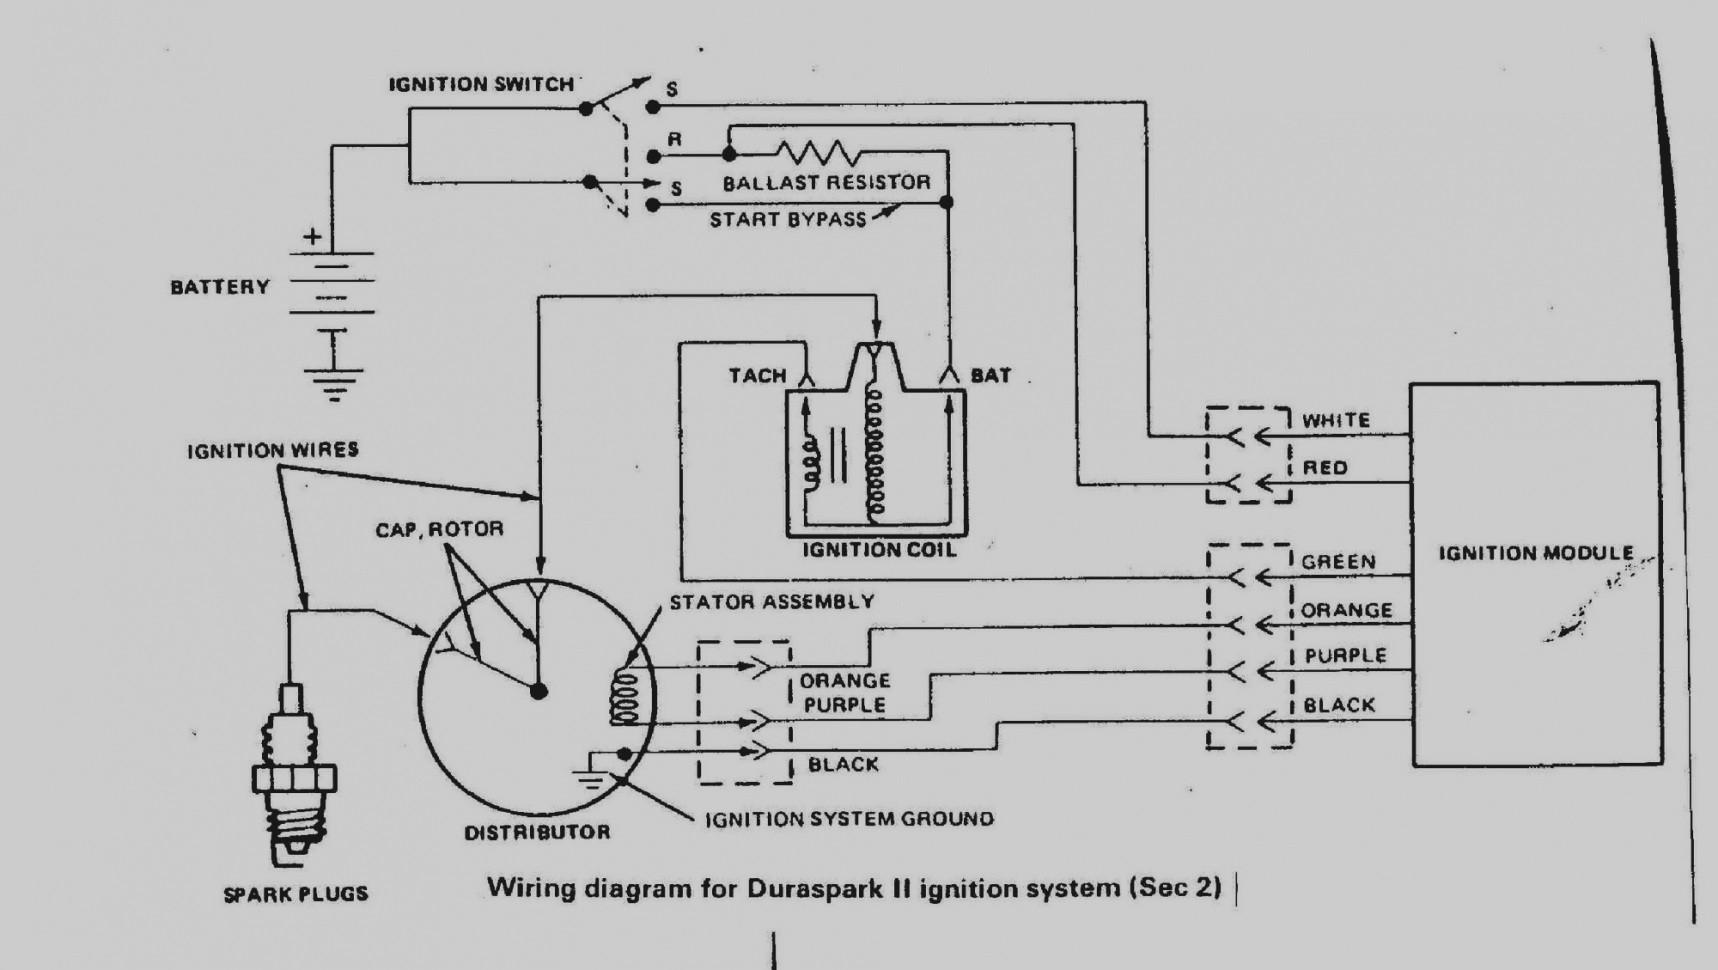 duraspark 11 wiring diagram wiring diagram fuse box u2022 rh friendsoffido co